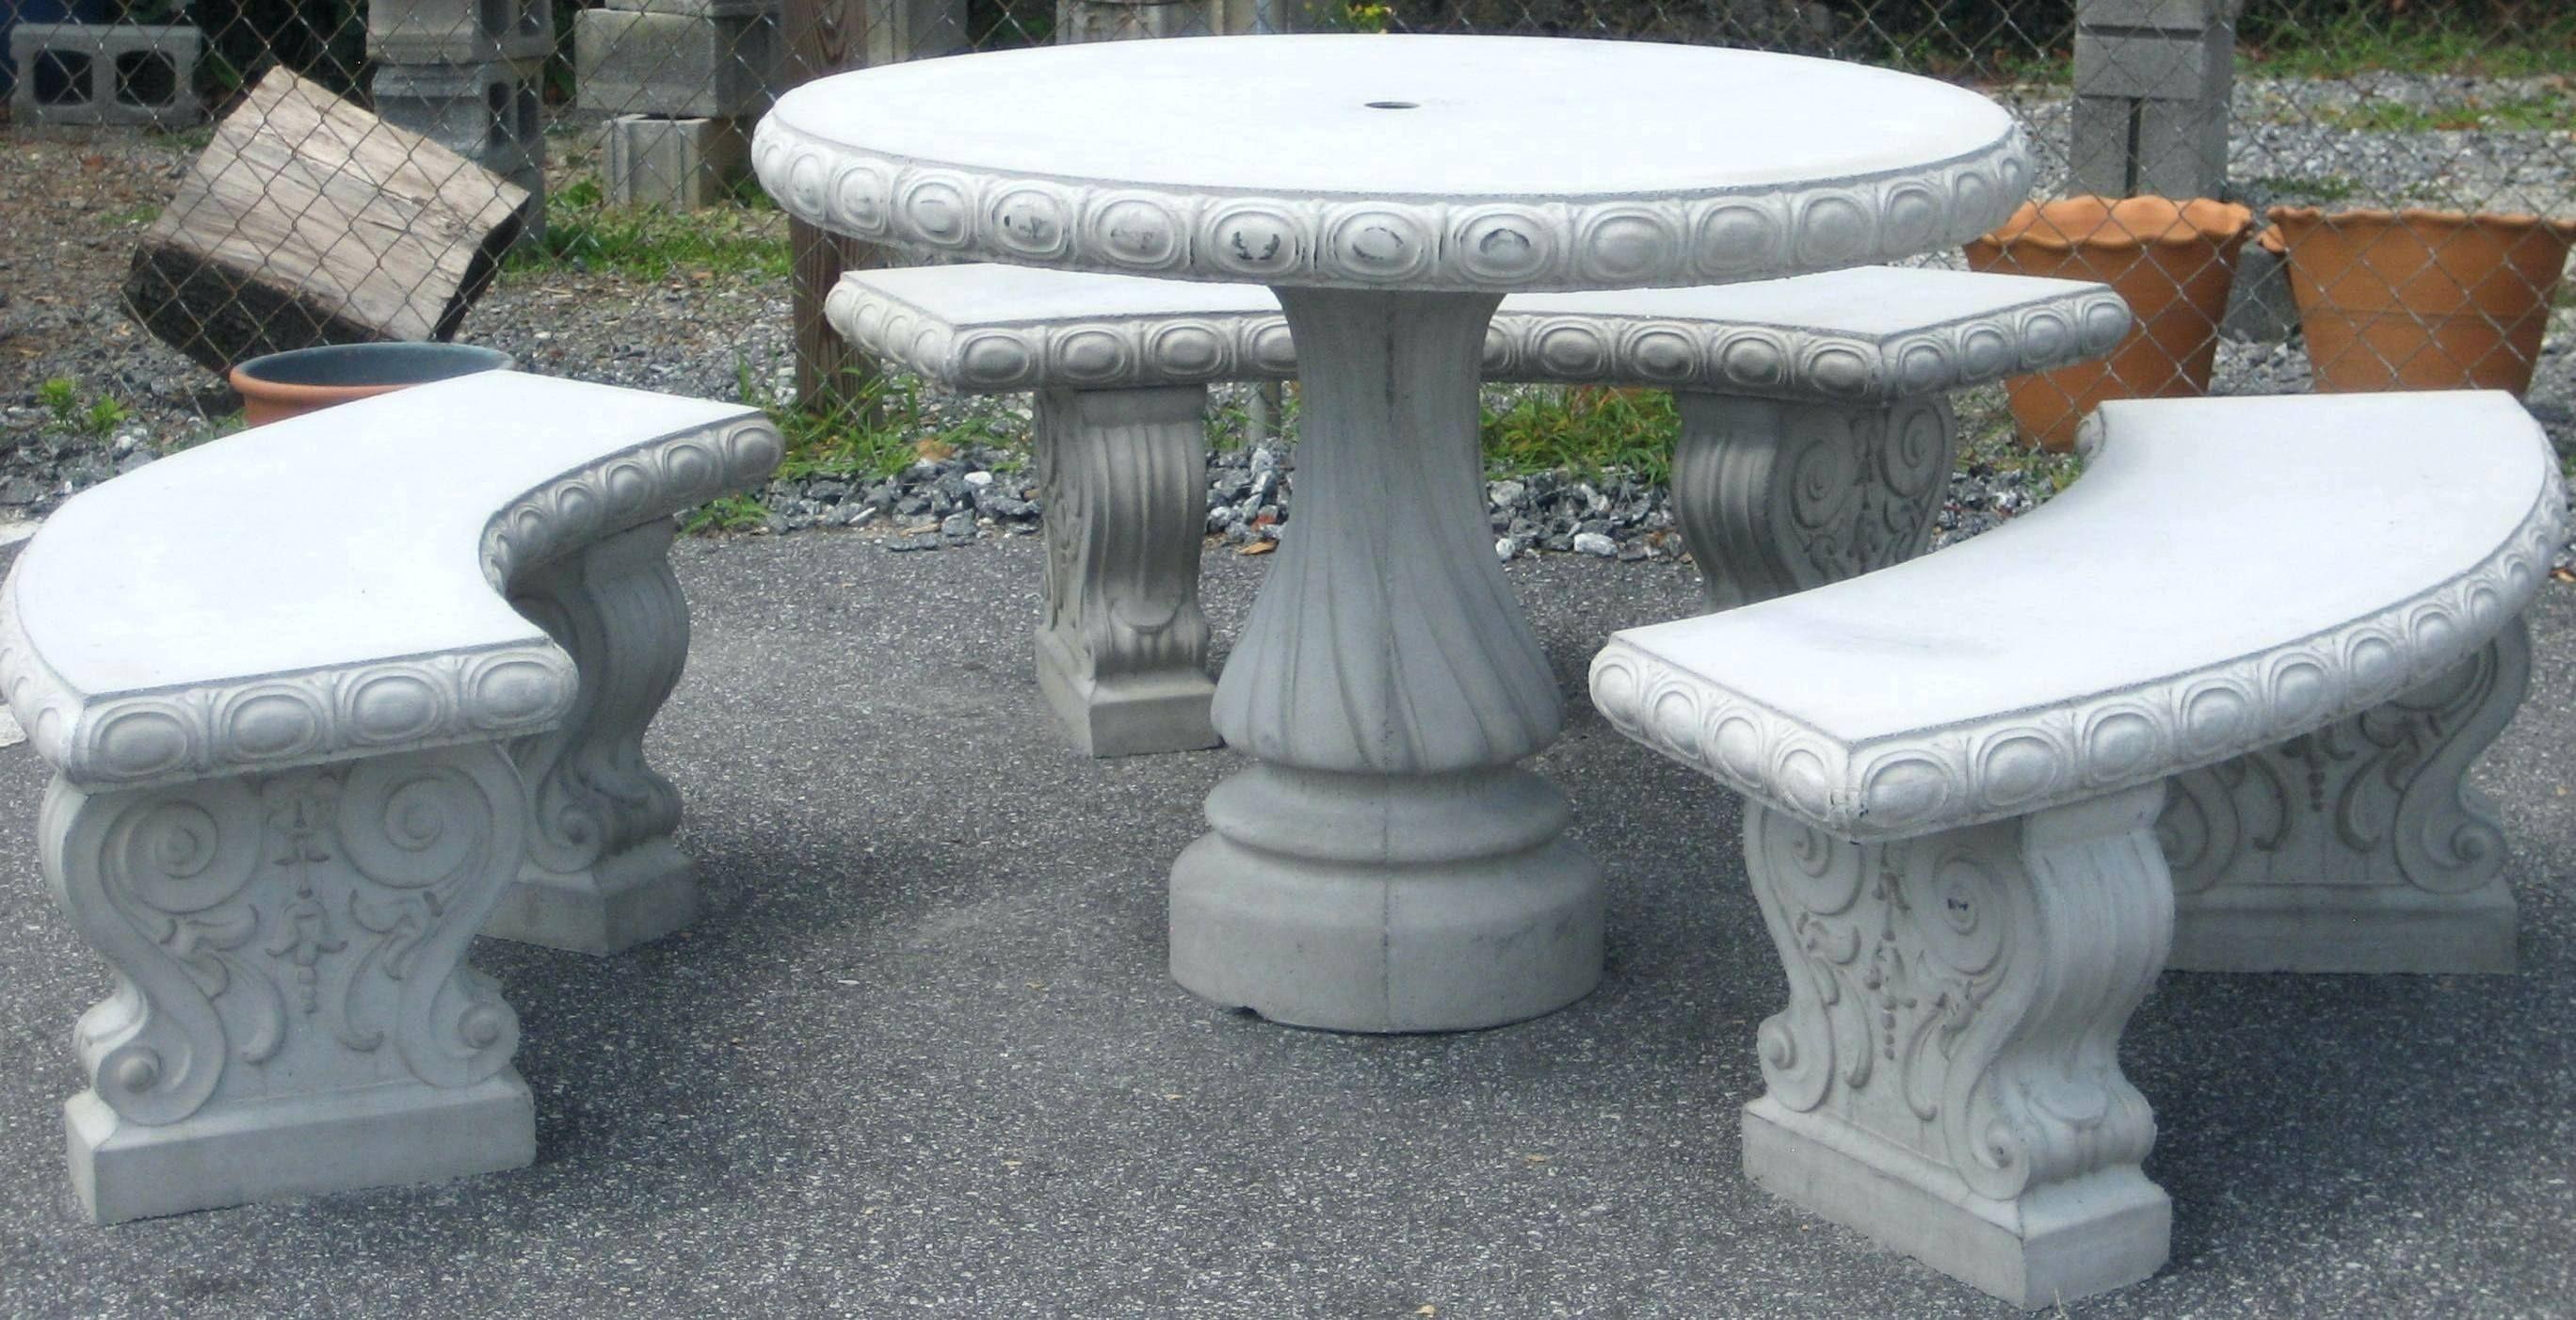 Concrete Patio Tables And Benches Concrete Patio Concrete Table